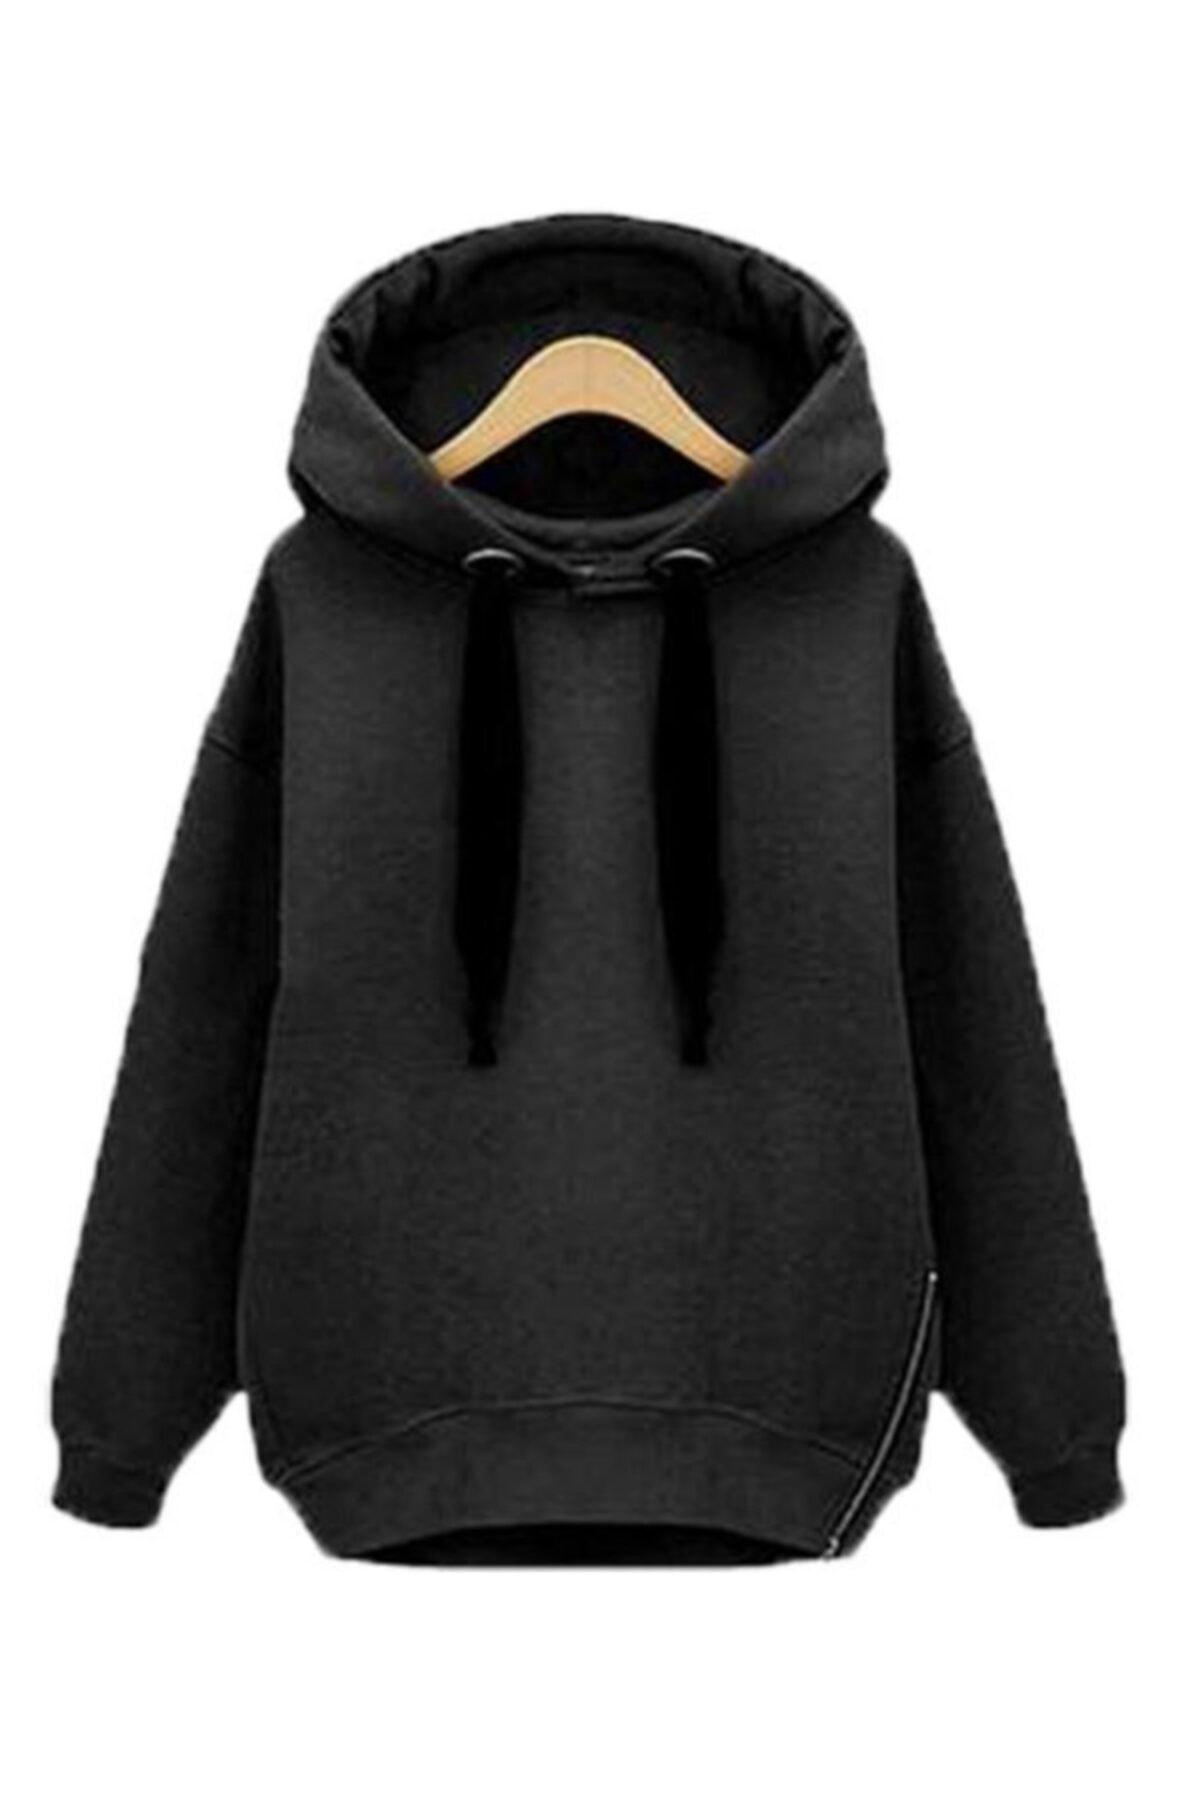 ELBİSENN Yeni Model Kadın Fermuar Detay Kapşonlu Sweatshırt (Siyah) 1